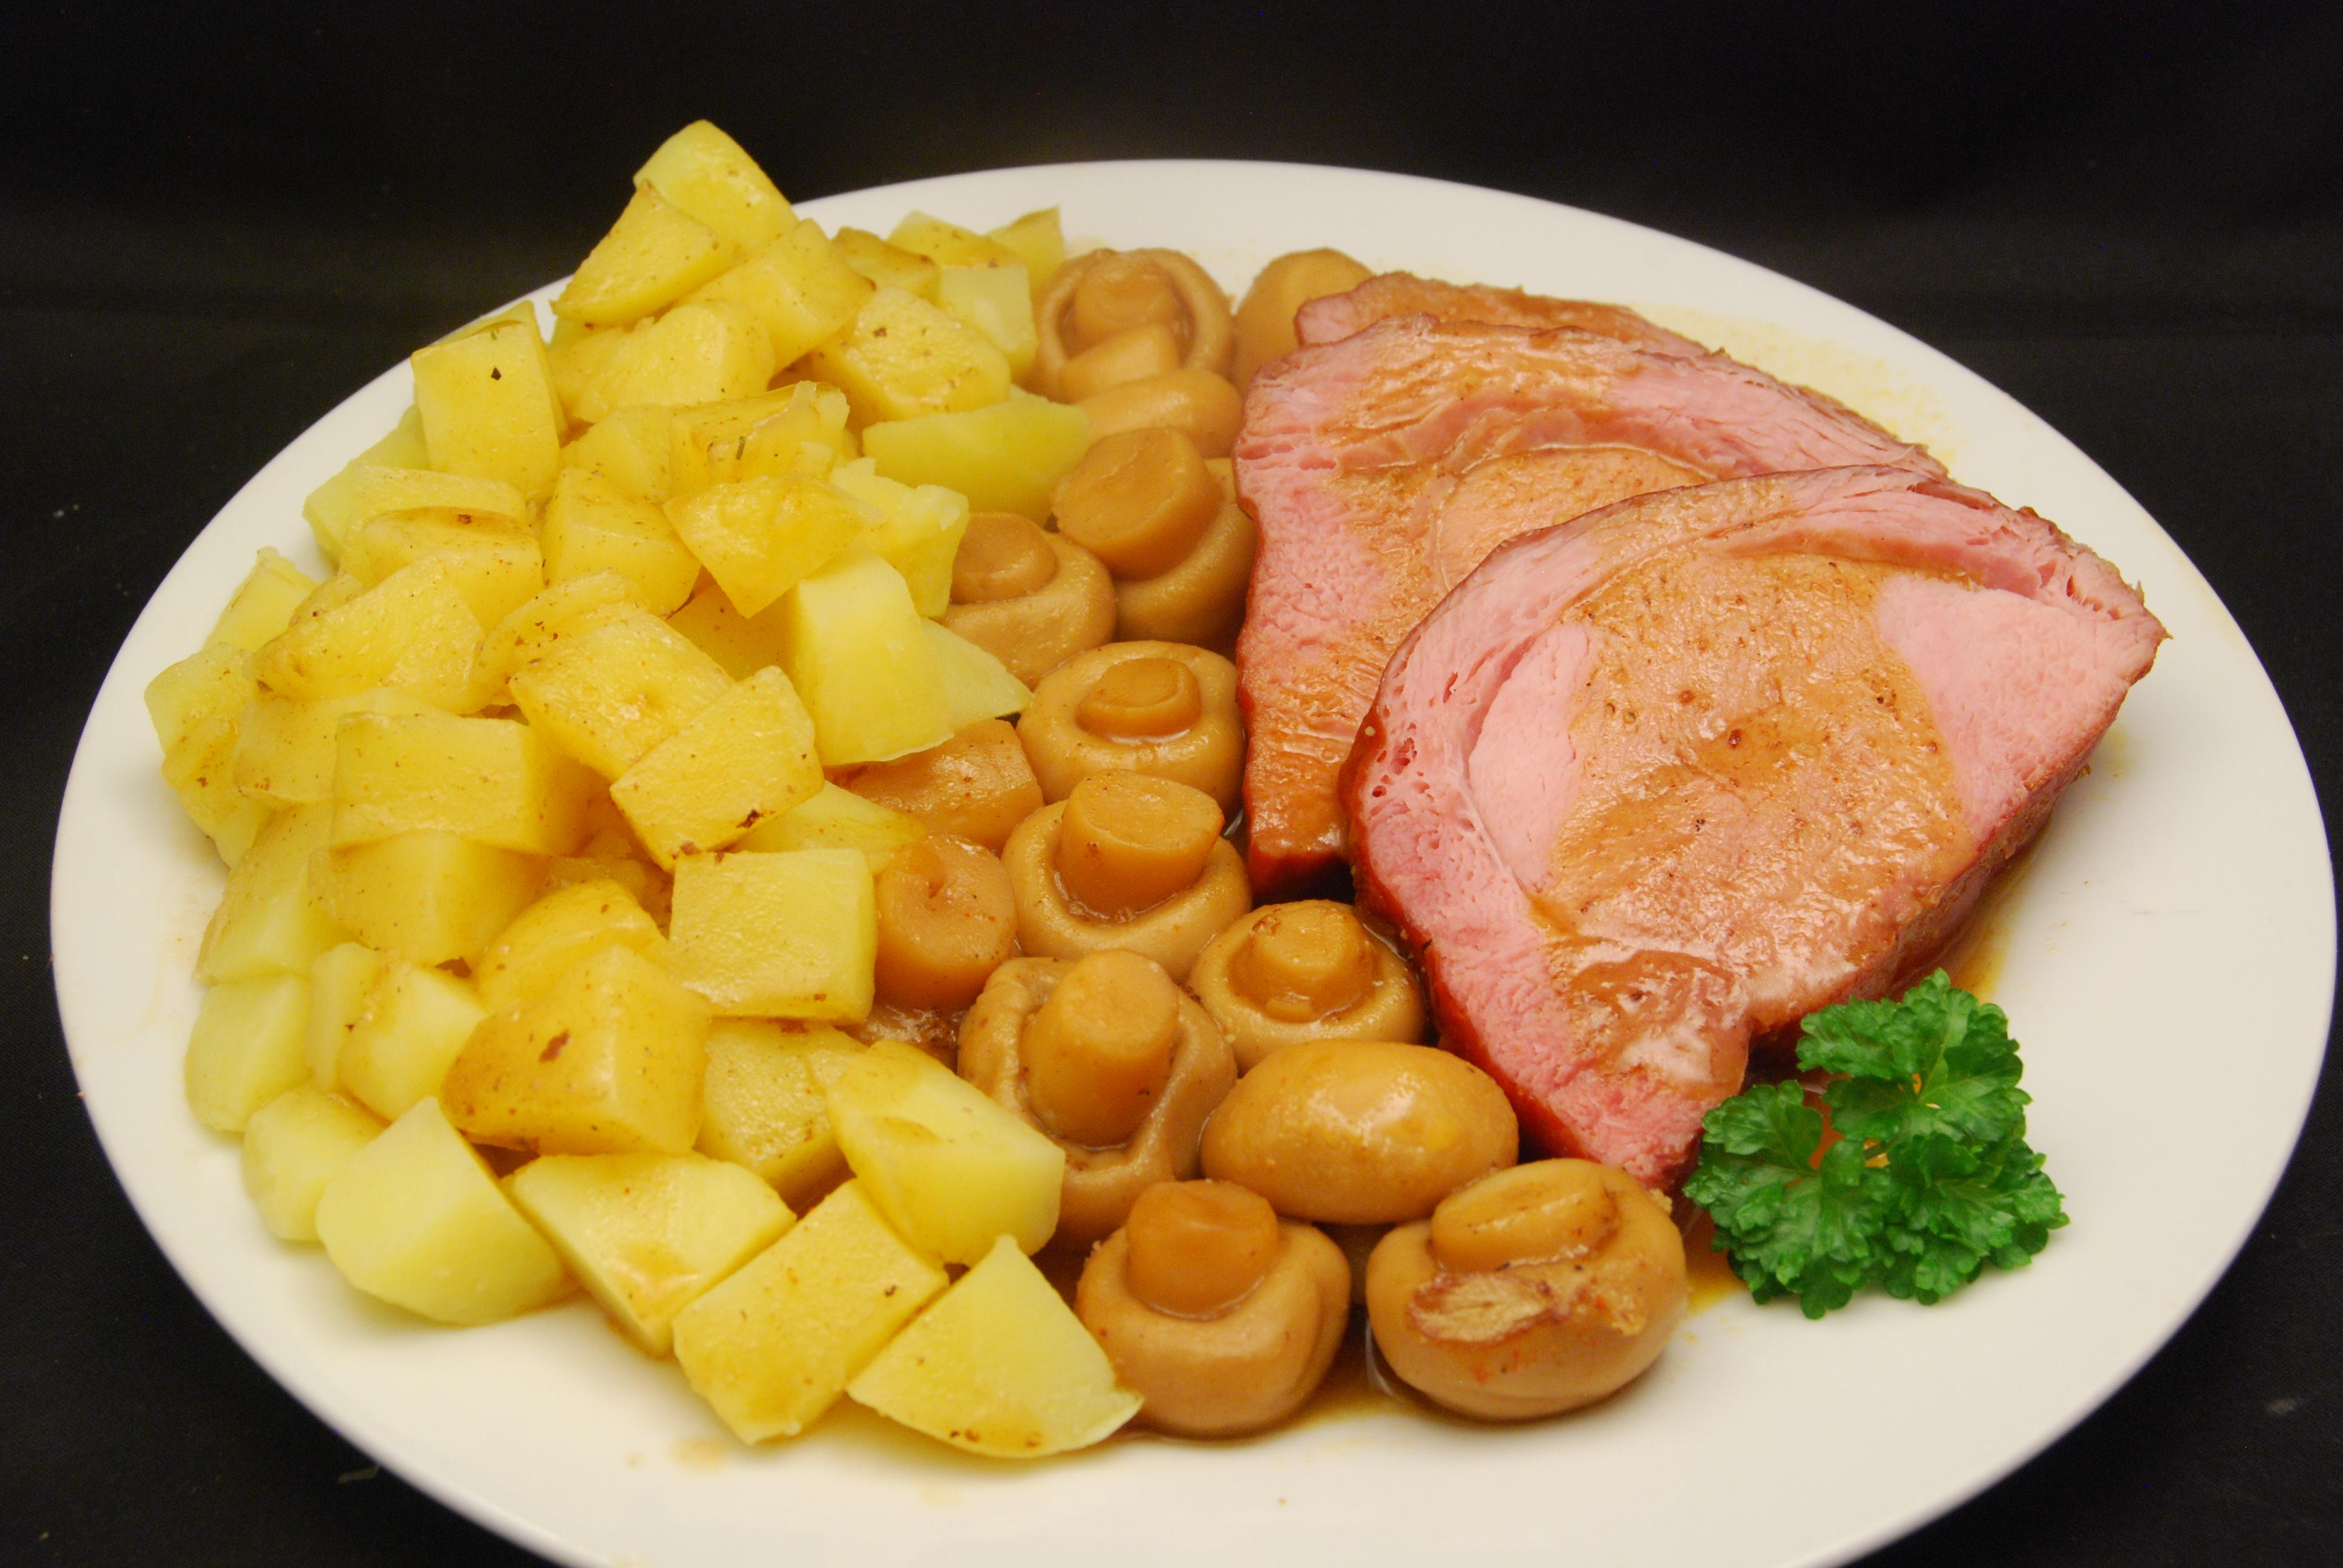 Leckerer Braten mit Champignons und Kartoffeln